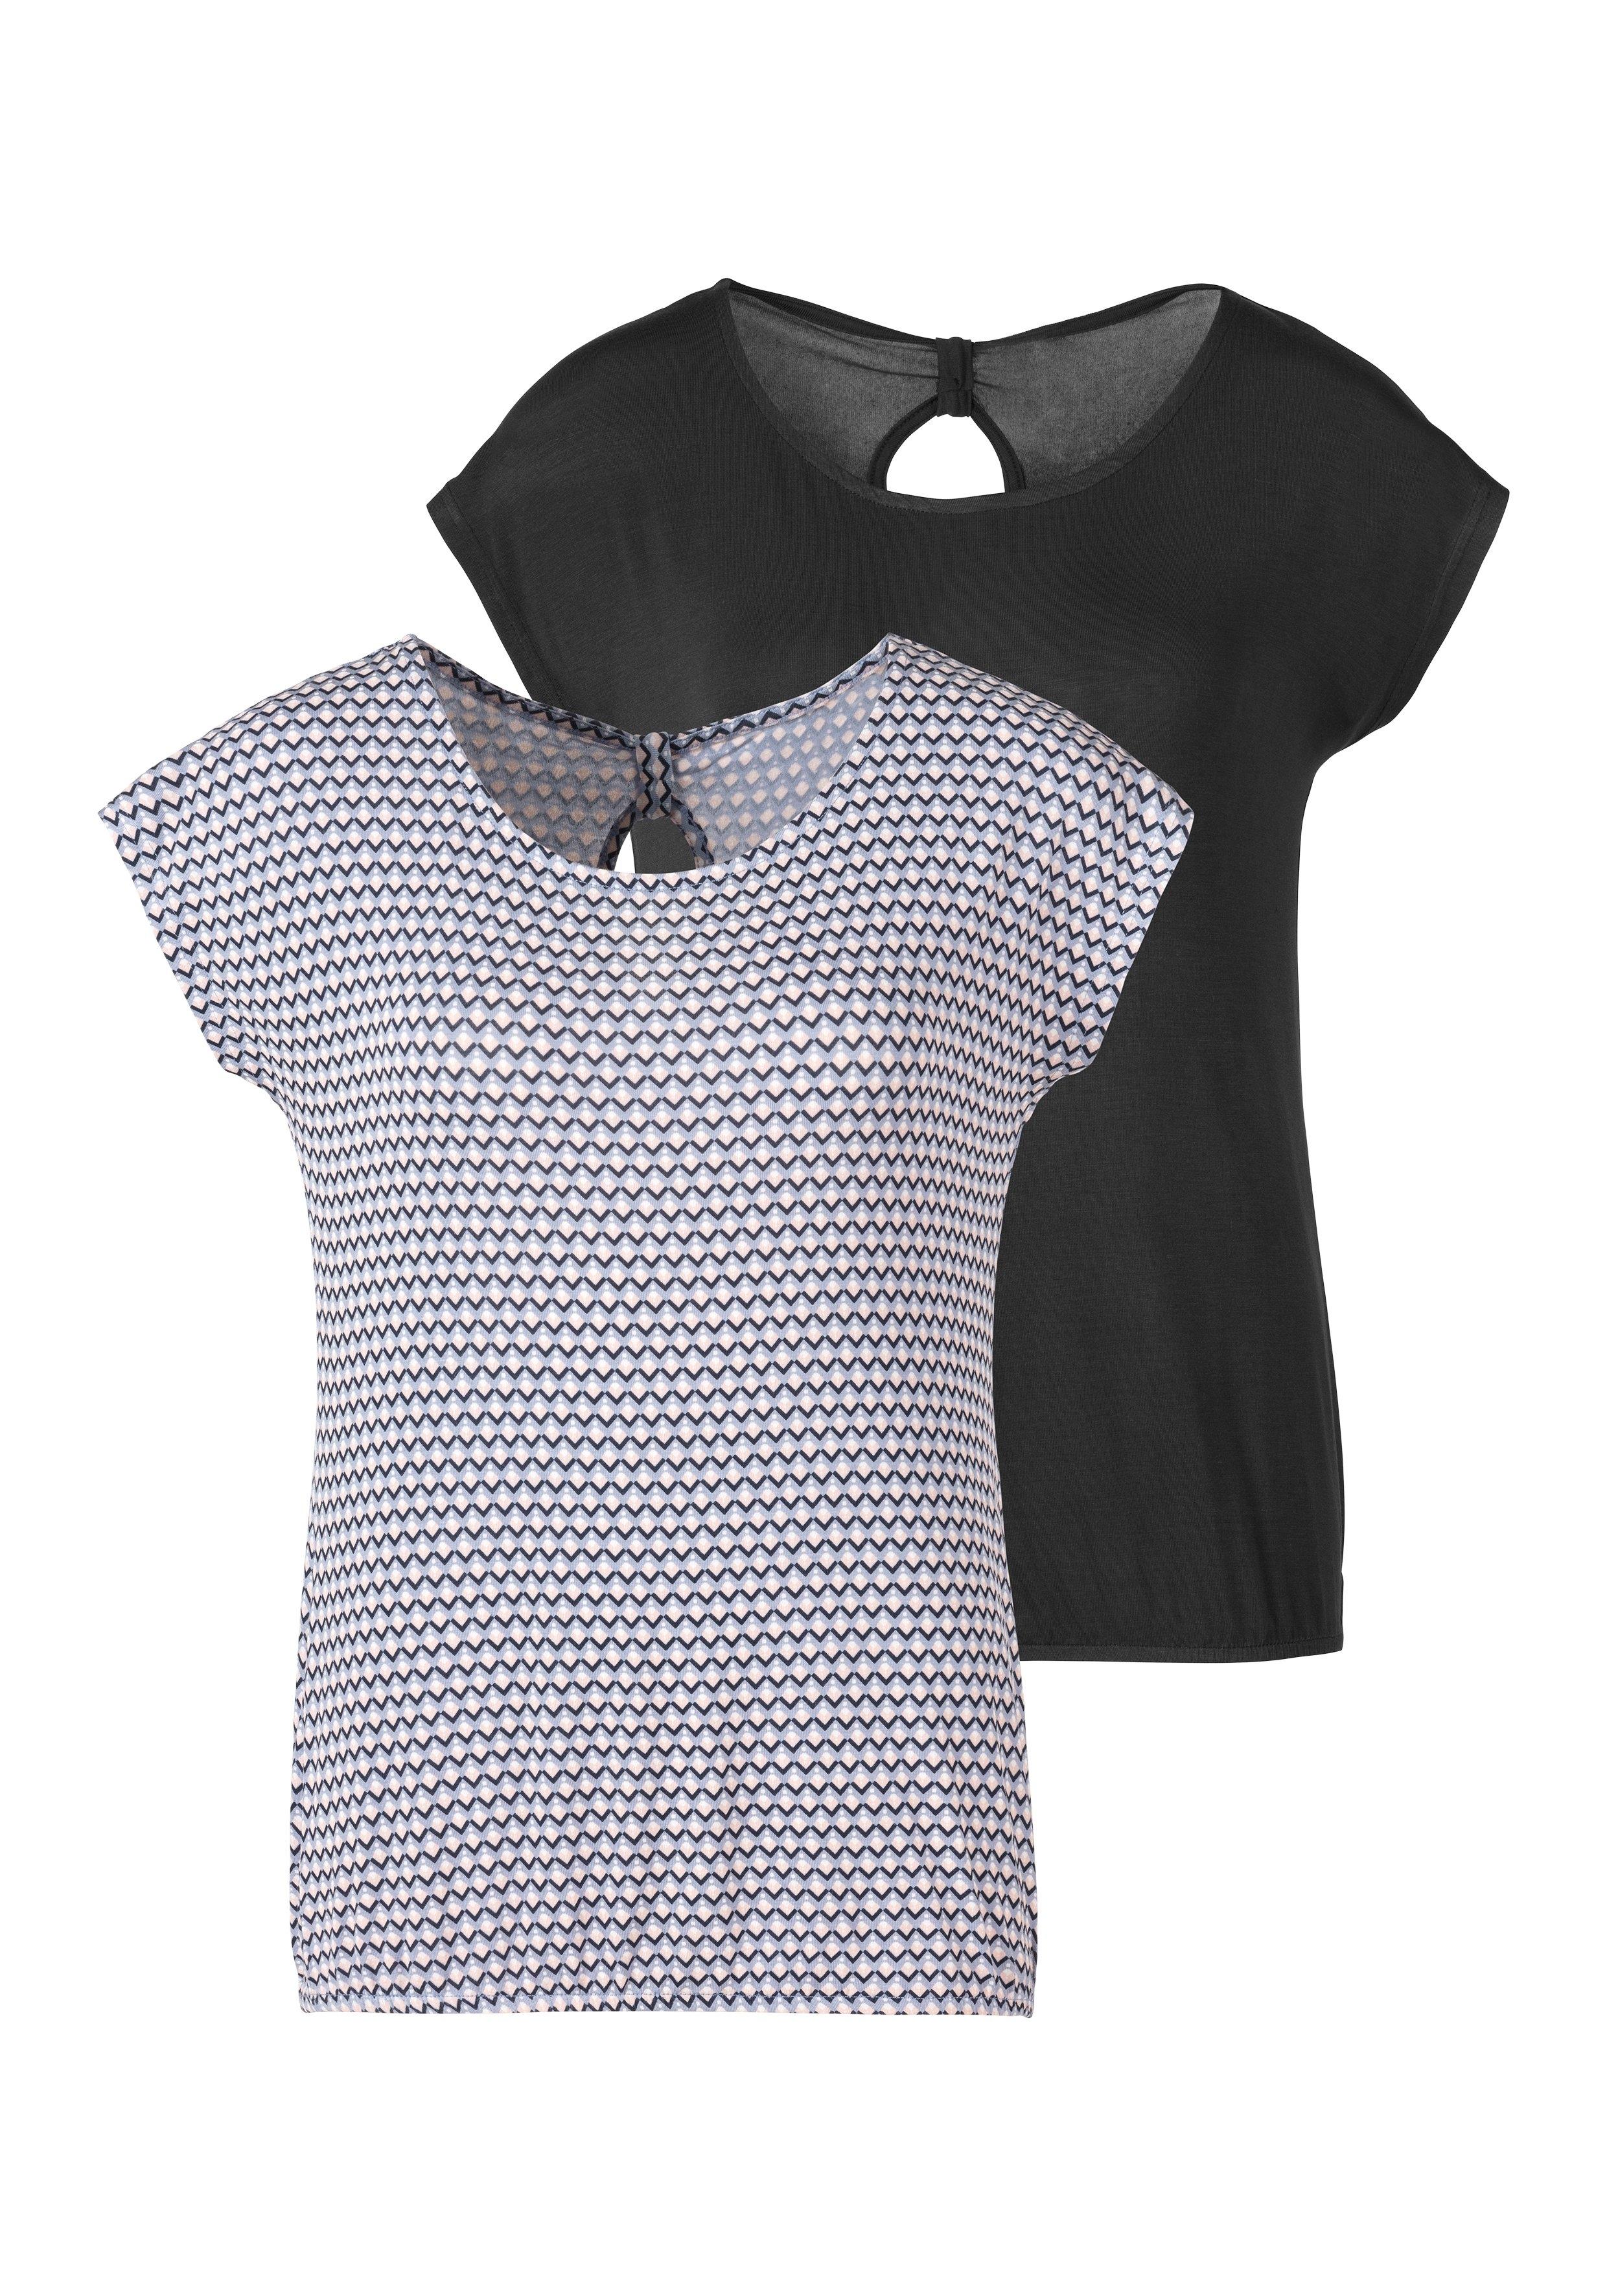 Vivance T-shirt met een cut-out en fijne plooi in de nek (Set van 2) goedkoop op lascana.nl kopen